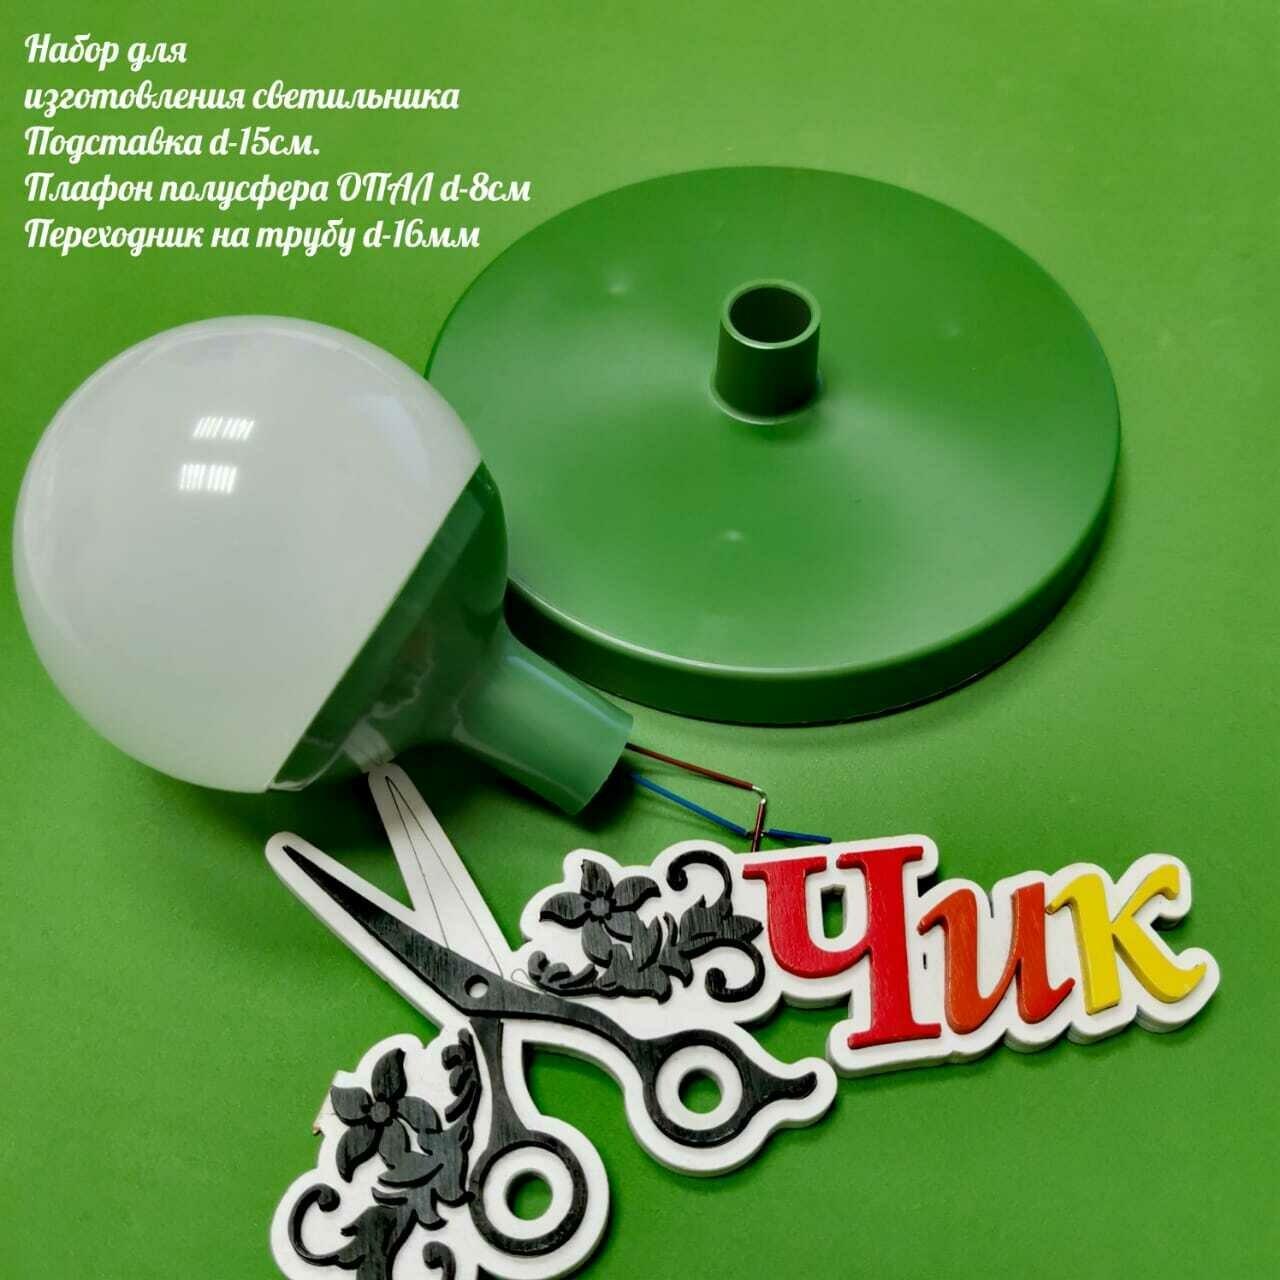 Комплект для изготовления декоративного светильника D=80мм  + подставка D=150 мм для изготовления настольного светильника  (Зеленый)